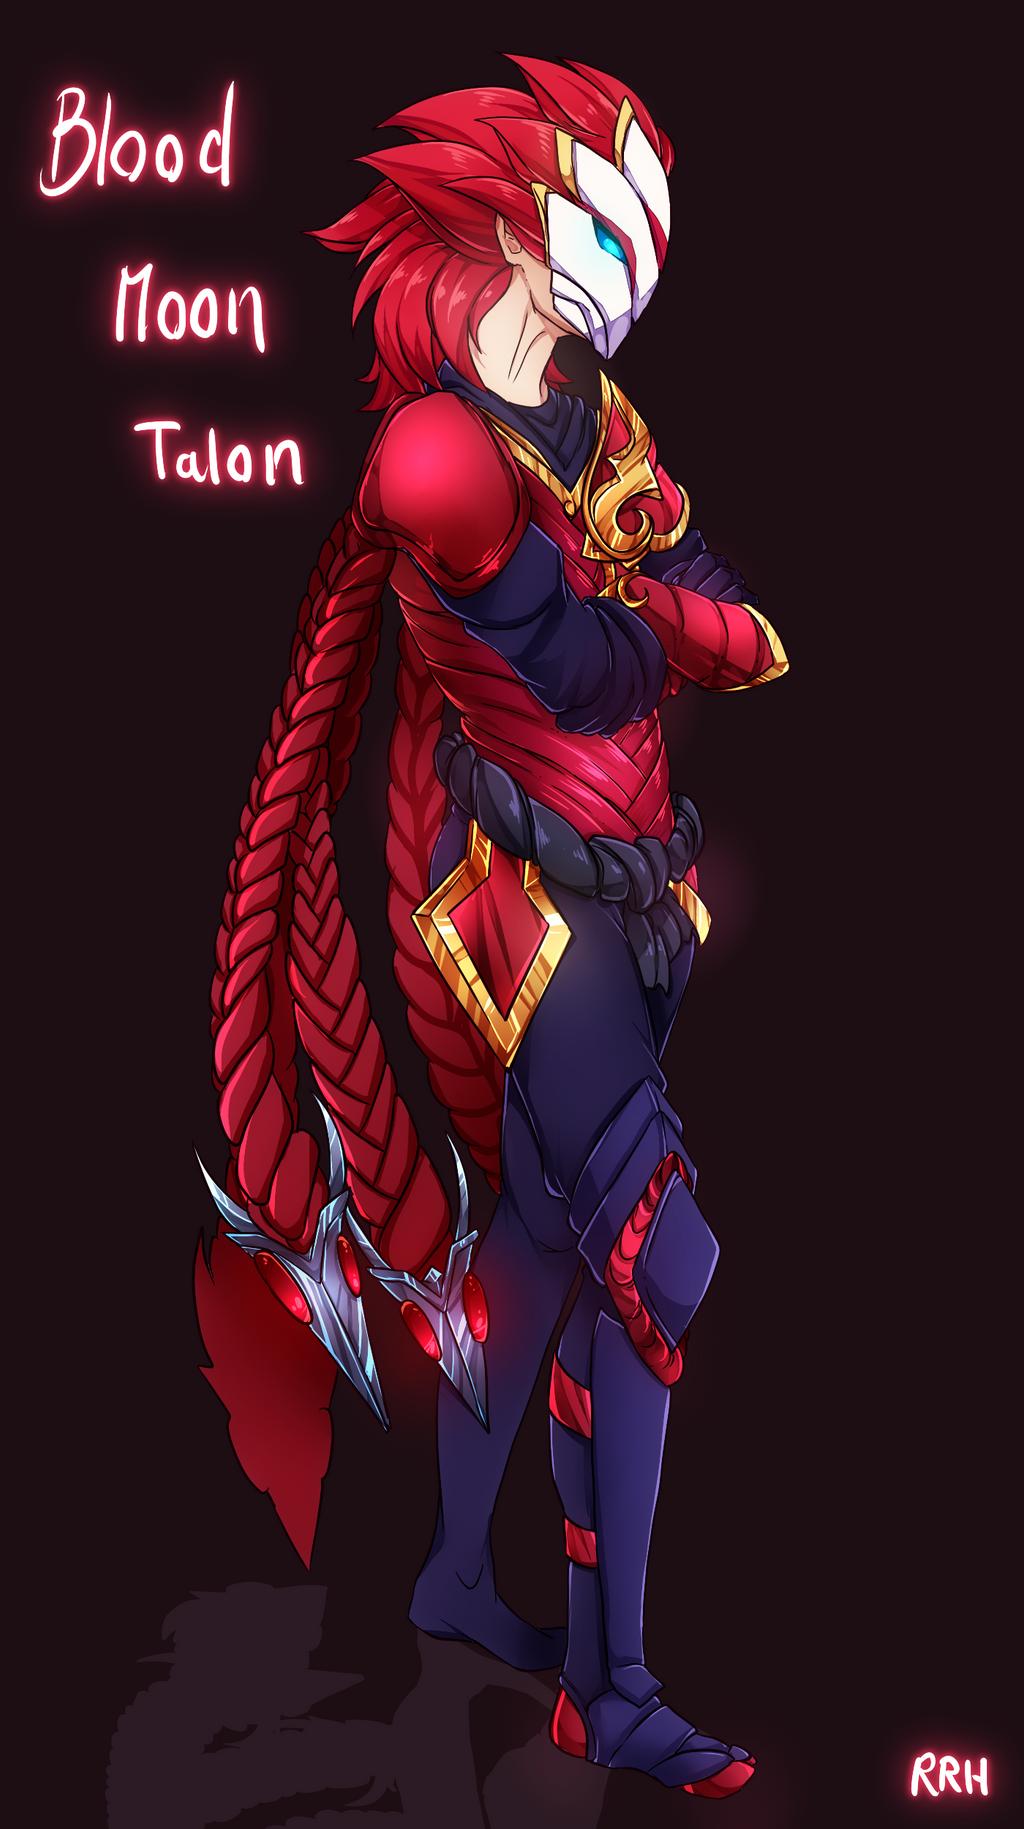 Blood Moon Talon by Twigileia